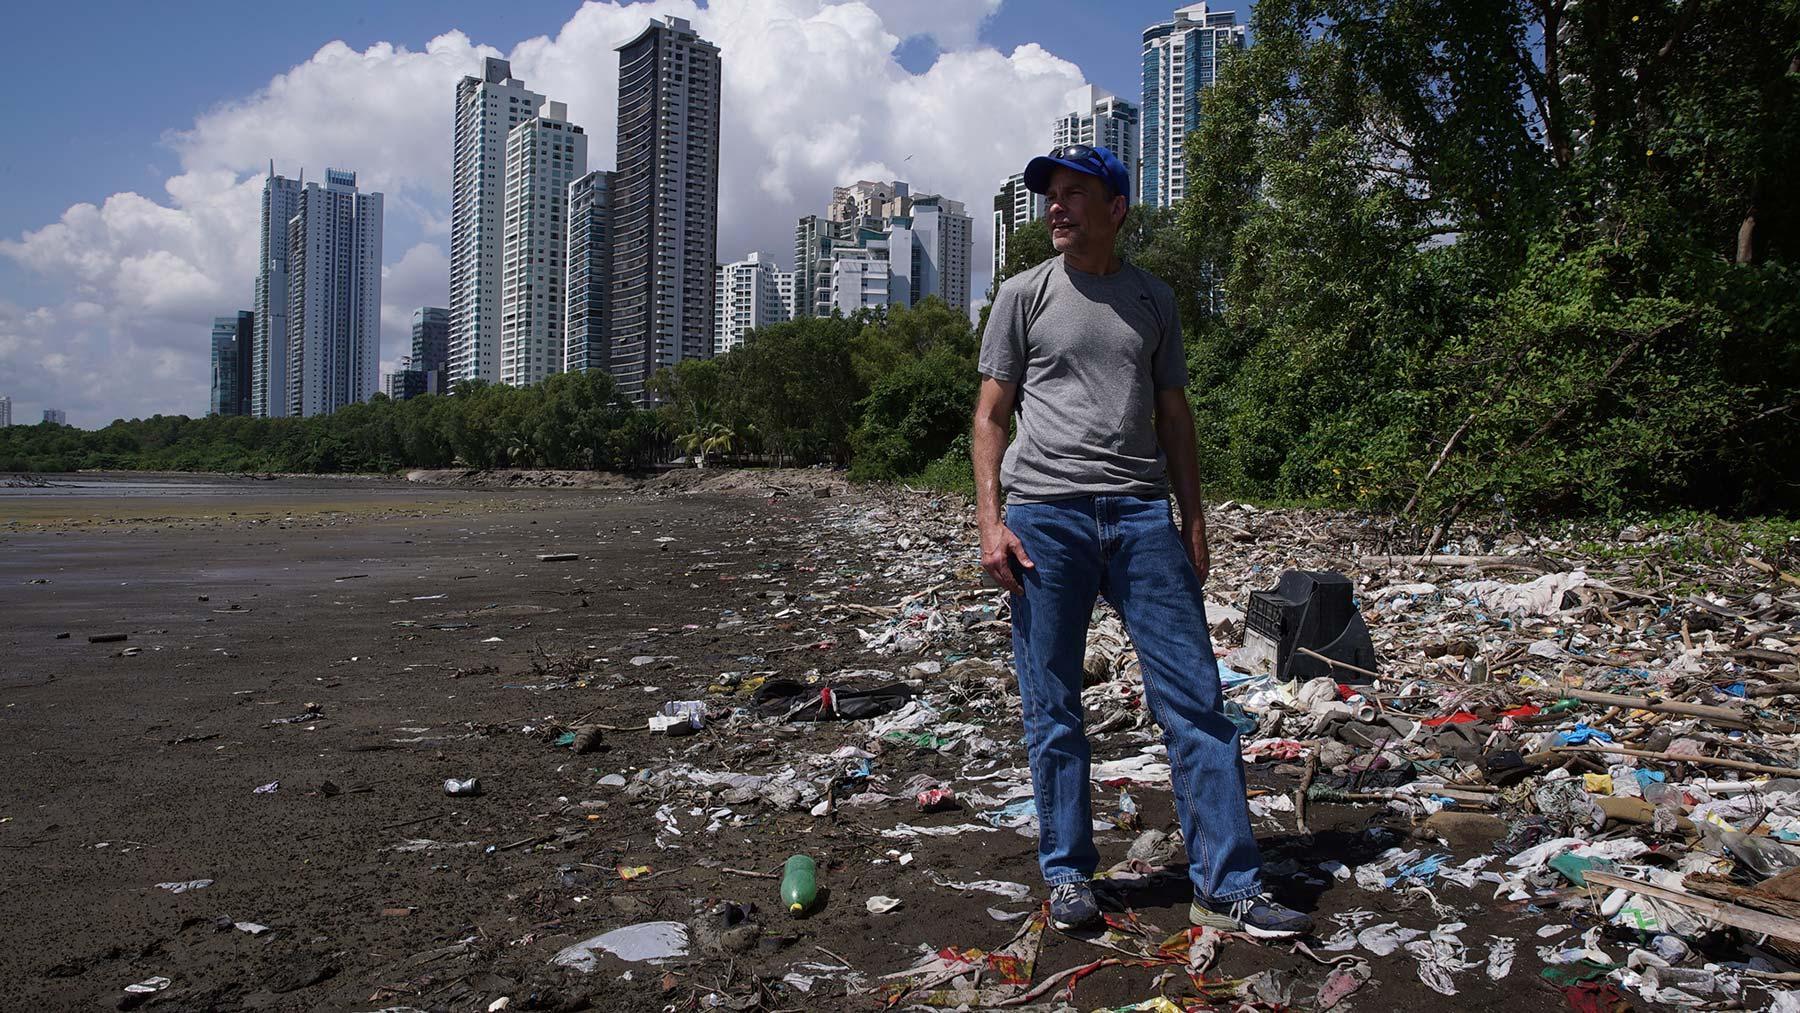 Fisk Johnson su una spiaggia ricoperta di plastica